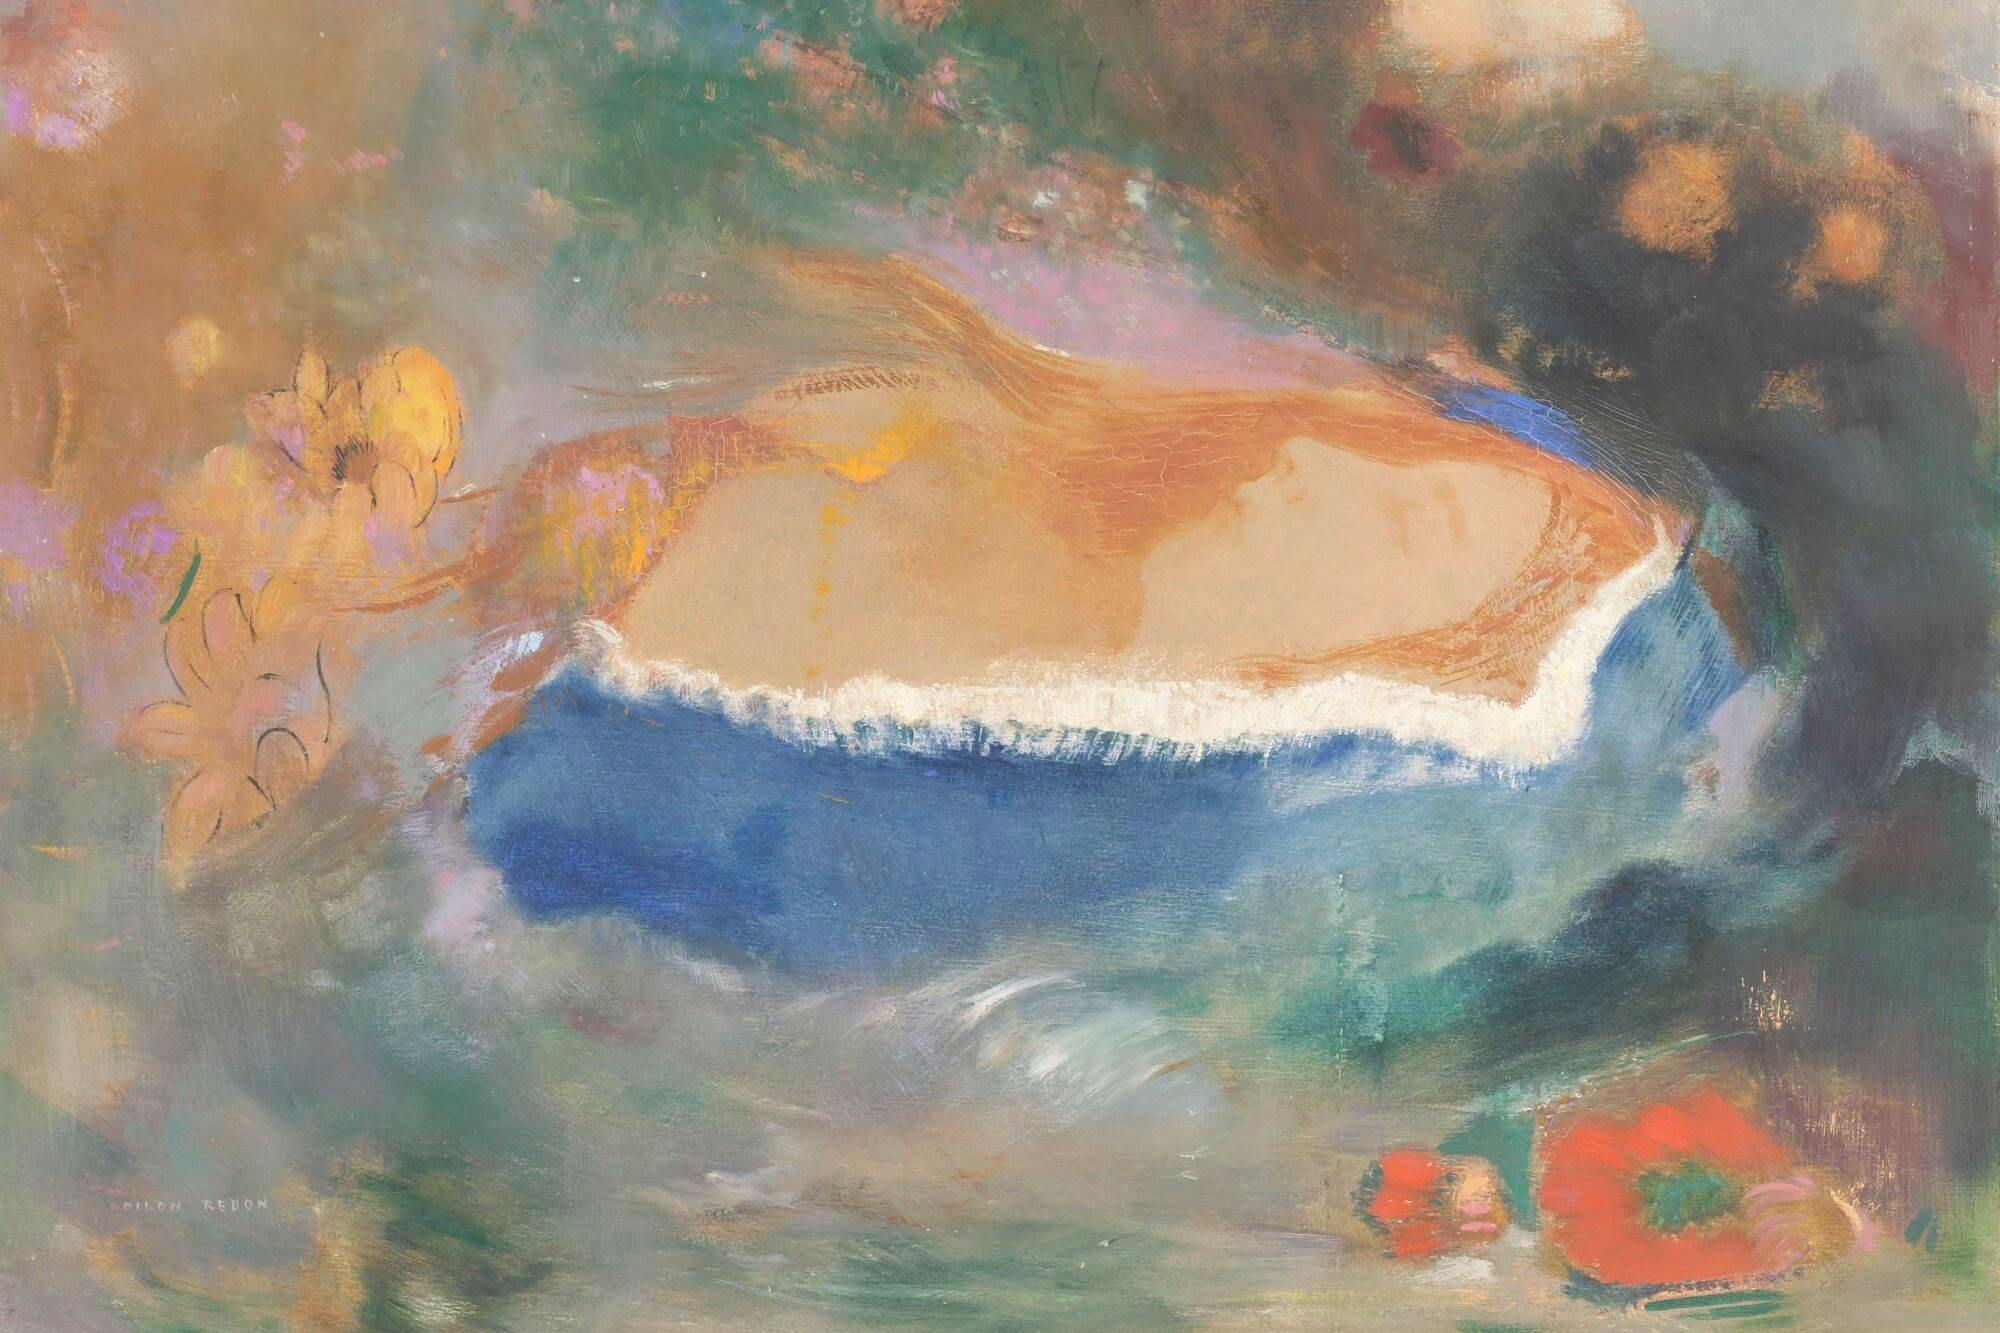 Eine Ausstellung im Kröller-Müller Museum widmet sich erstmals dem Einfluss, den Musik und Literatur auf das Werk von Odilon Redon ausübten.